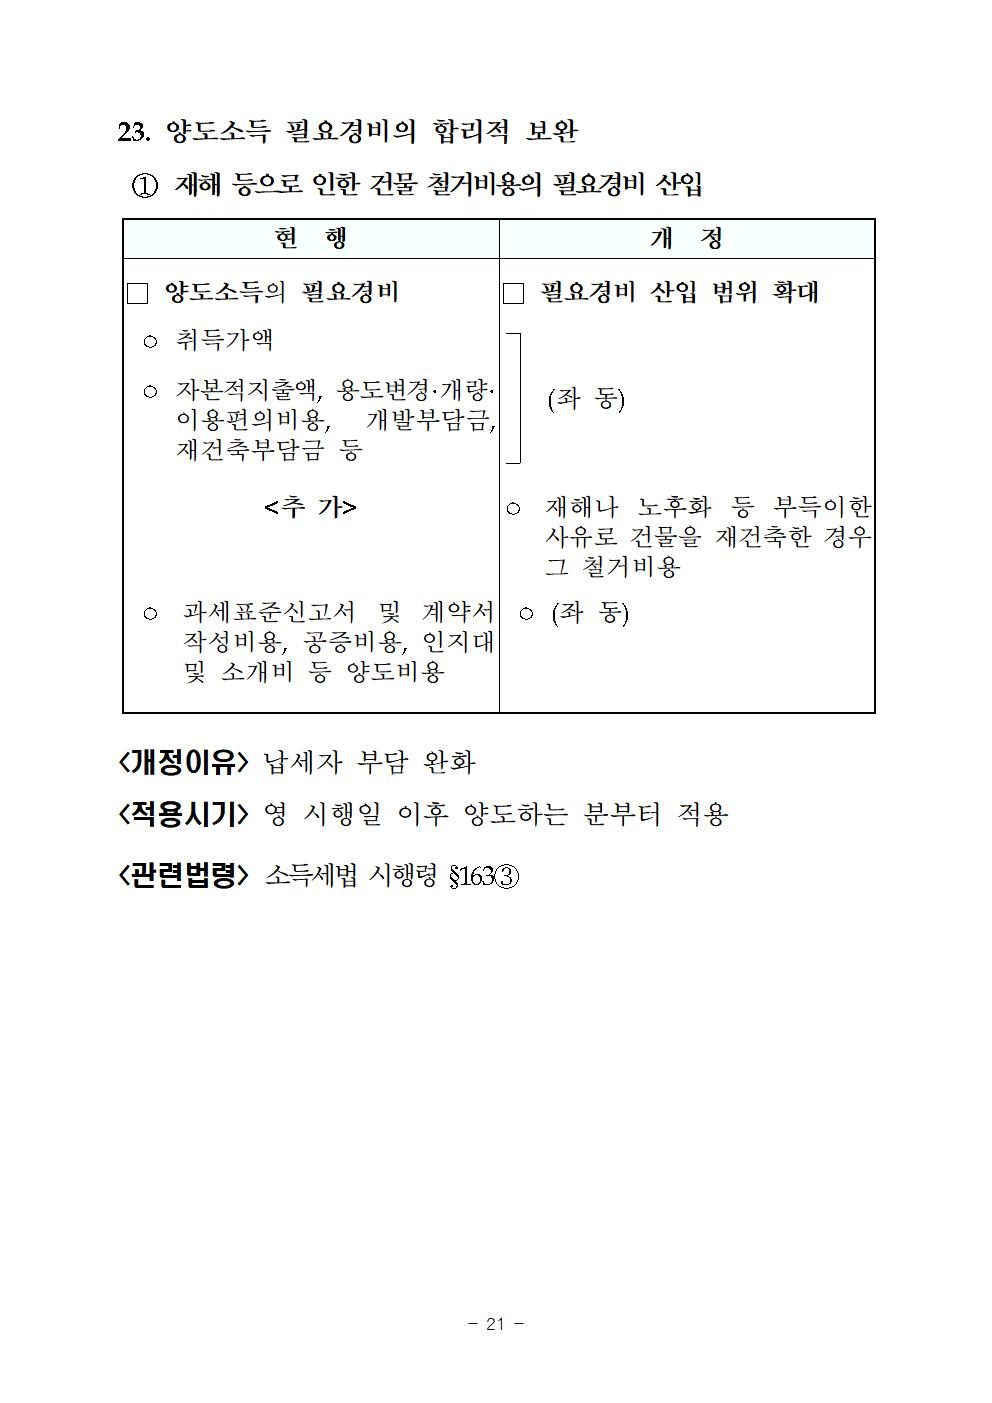 2019년세법개정내용(양도소득세분야)026.png